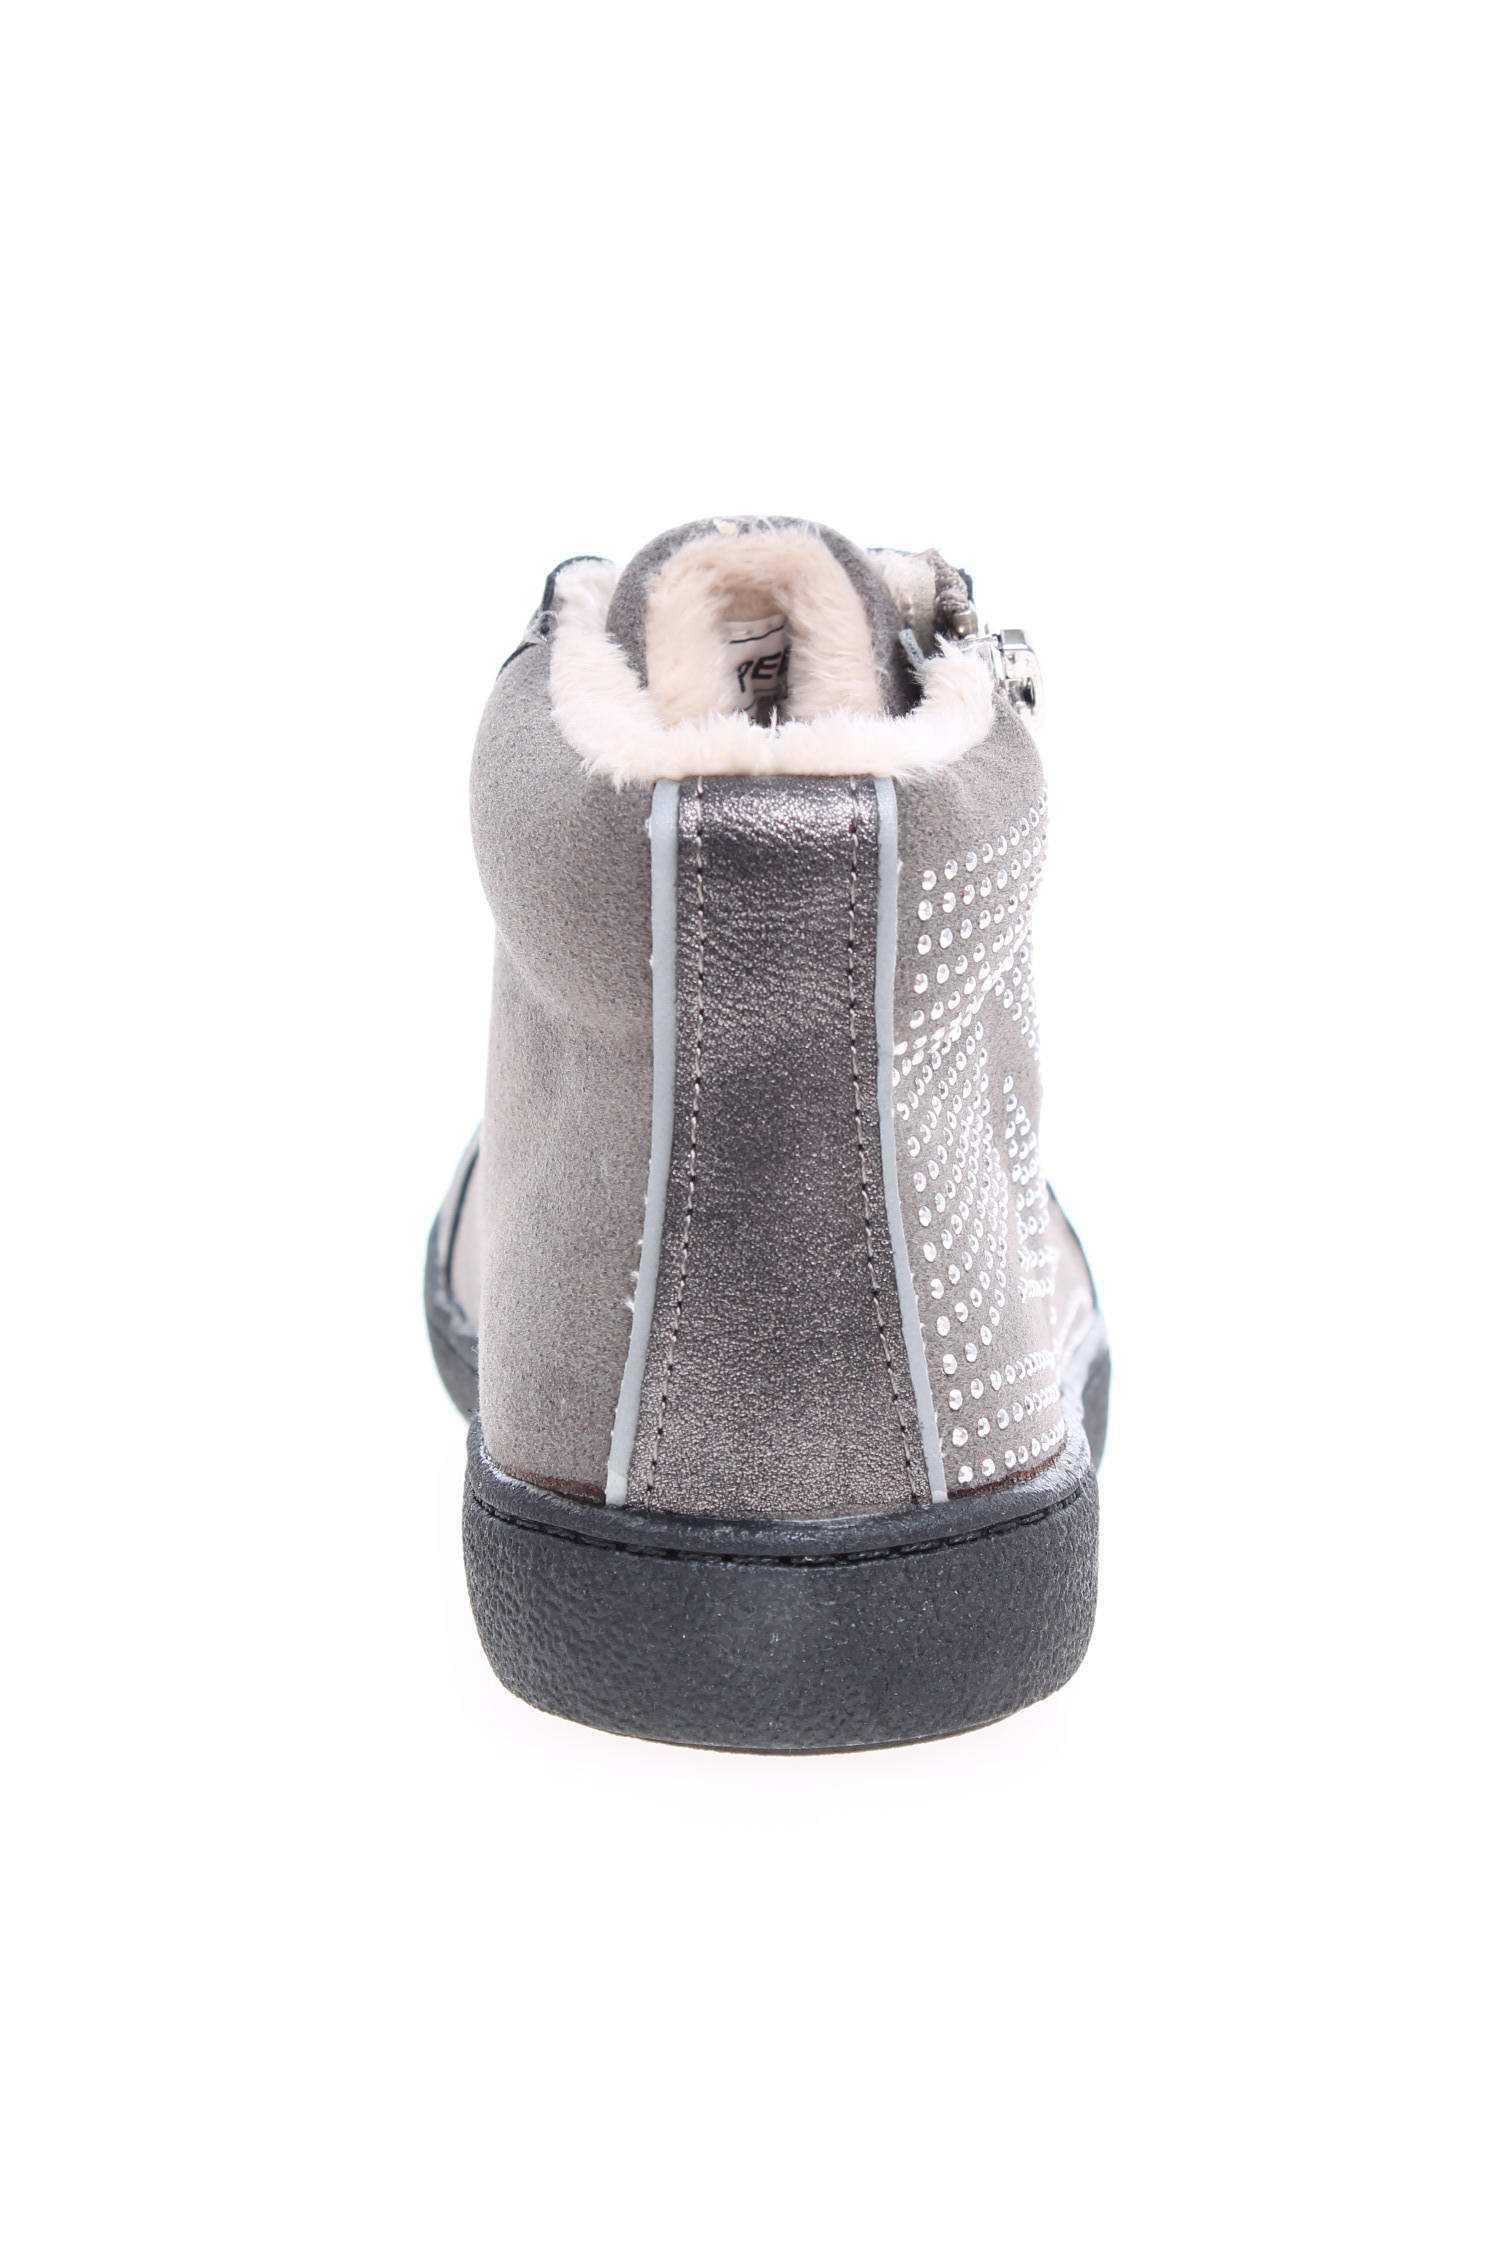 Peddy dívčí kotníkové PX-636-32-09 šedé  7df8cd4fe0